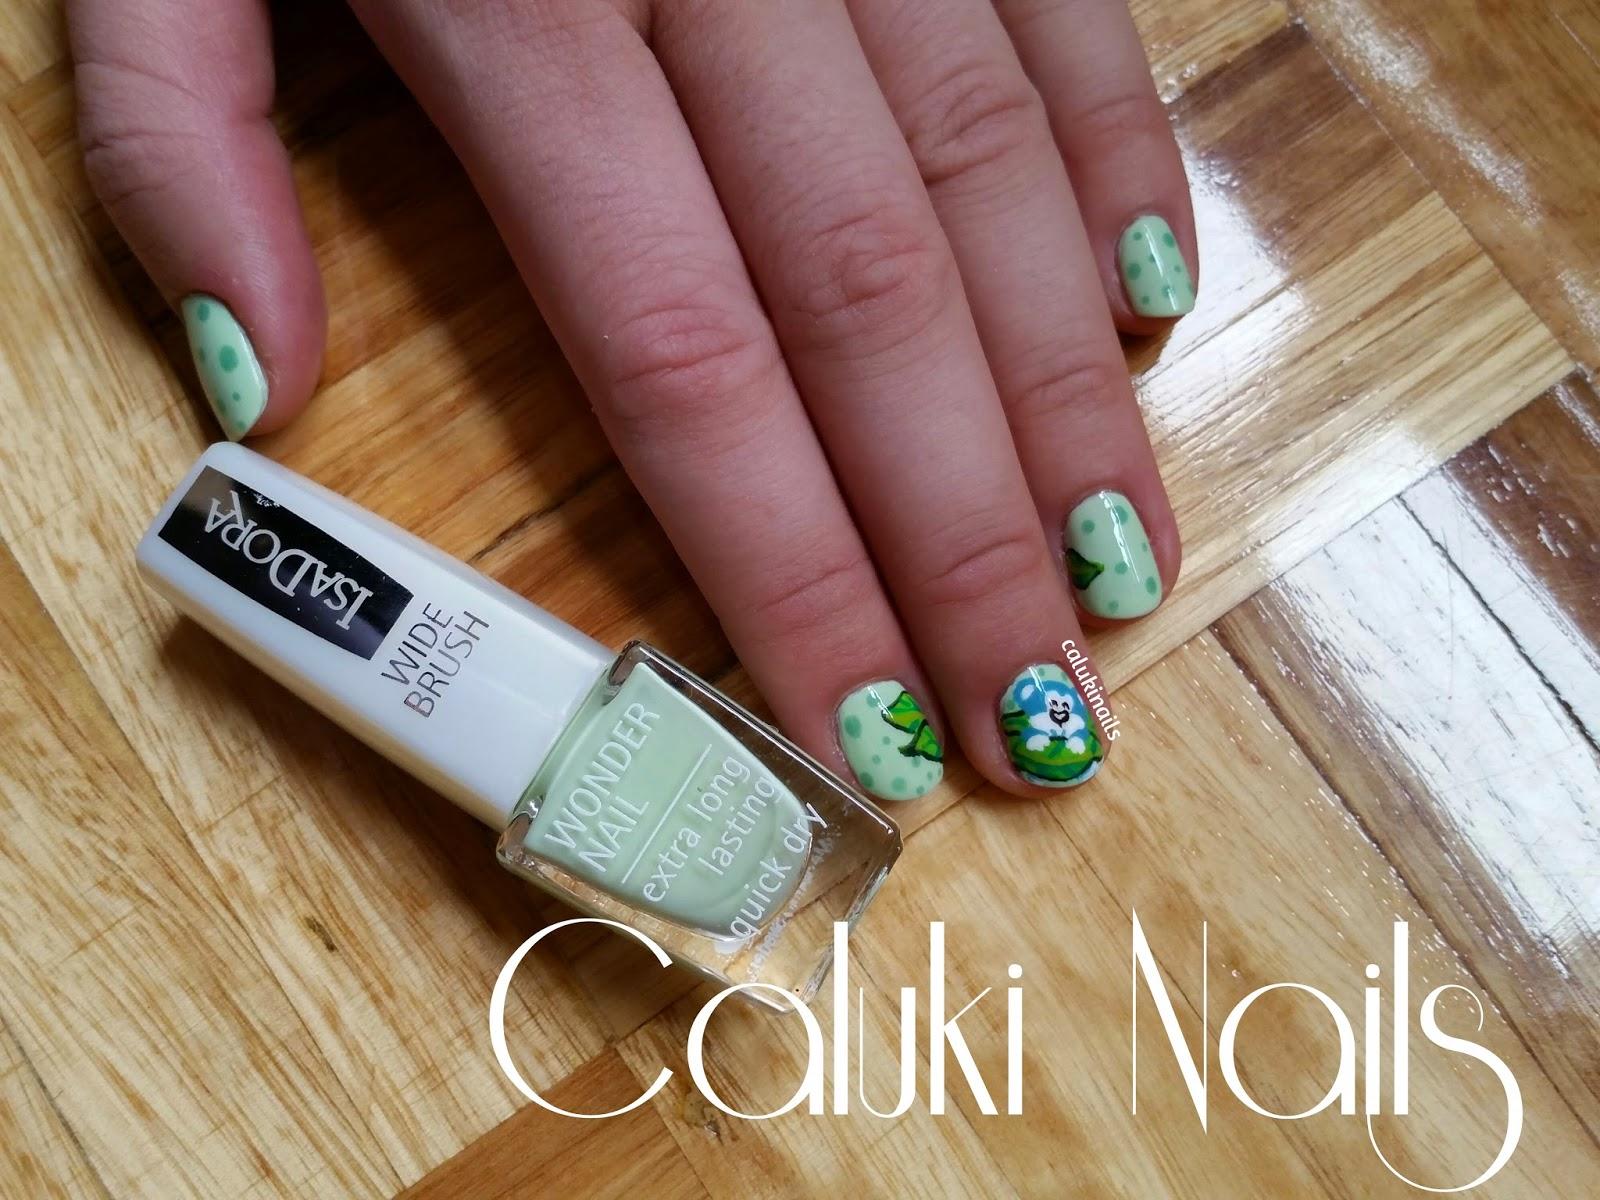 Caluki Nails : marzo 2015